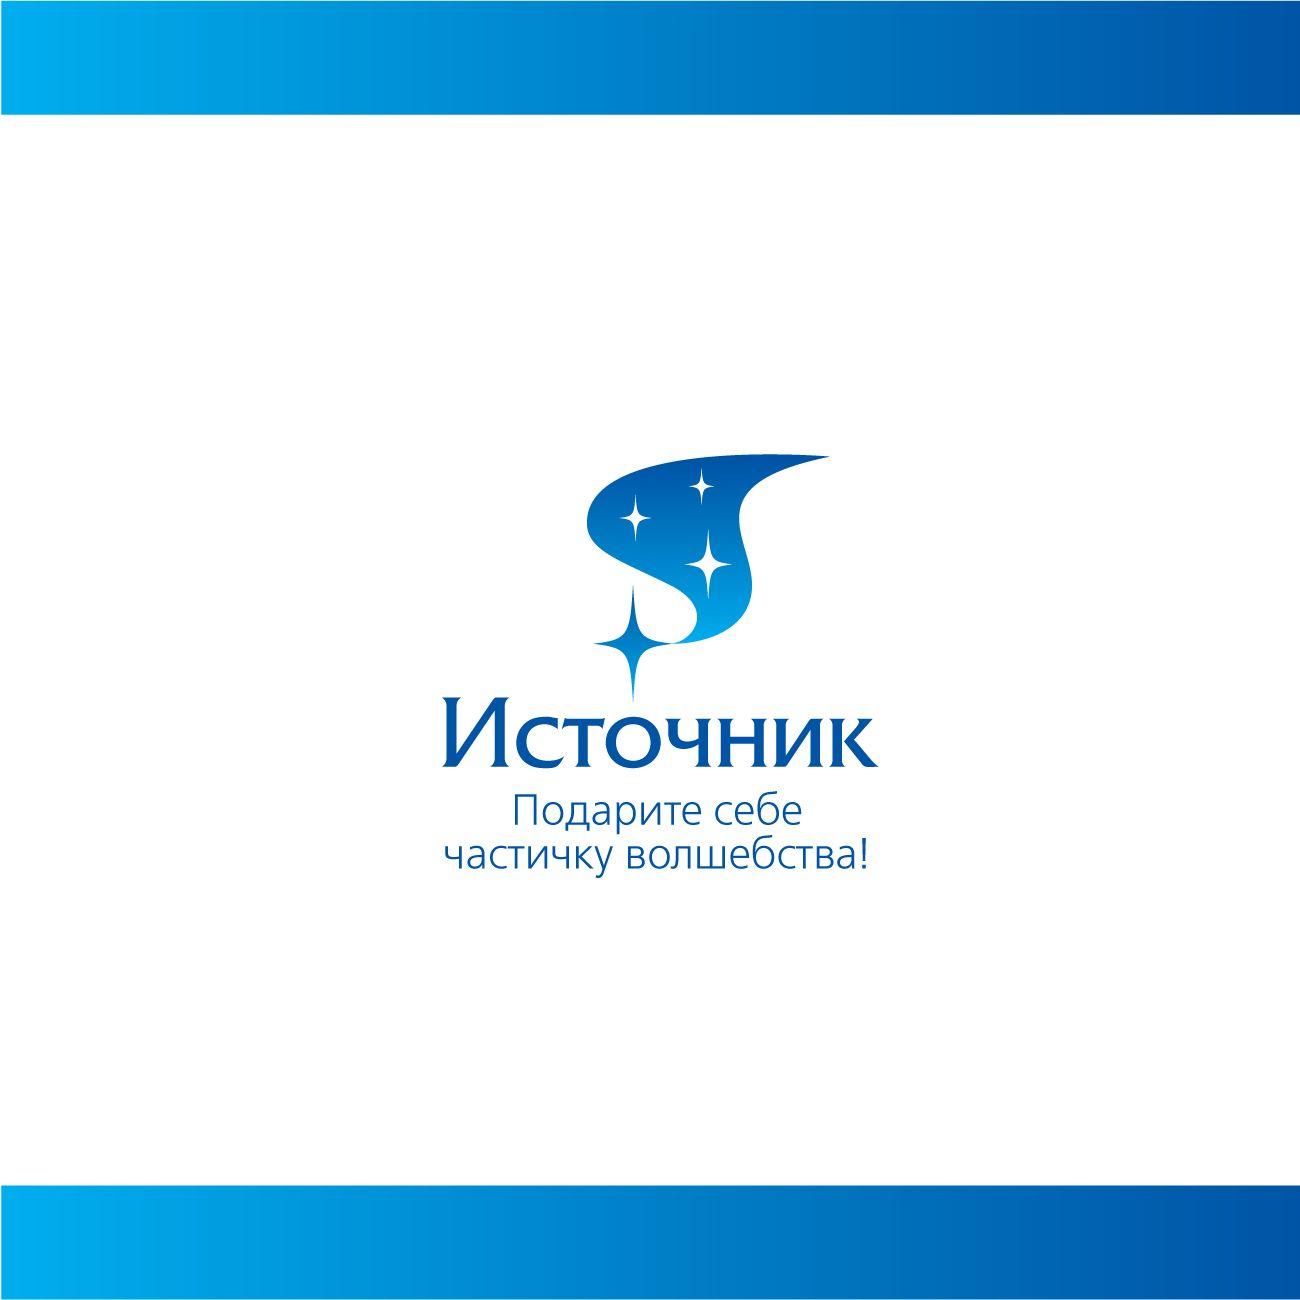 Логотип для магазина Украшений из Фильмов - дизайнер sov-ka